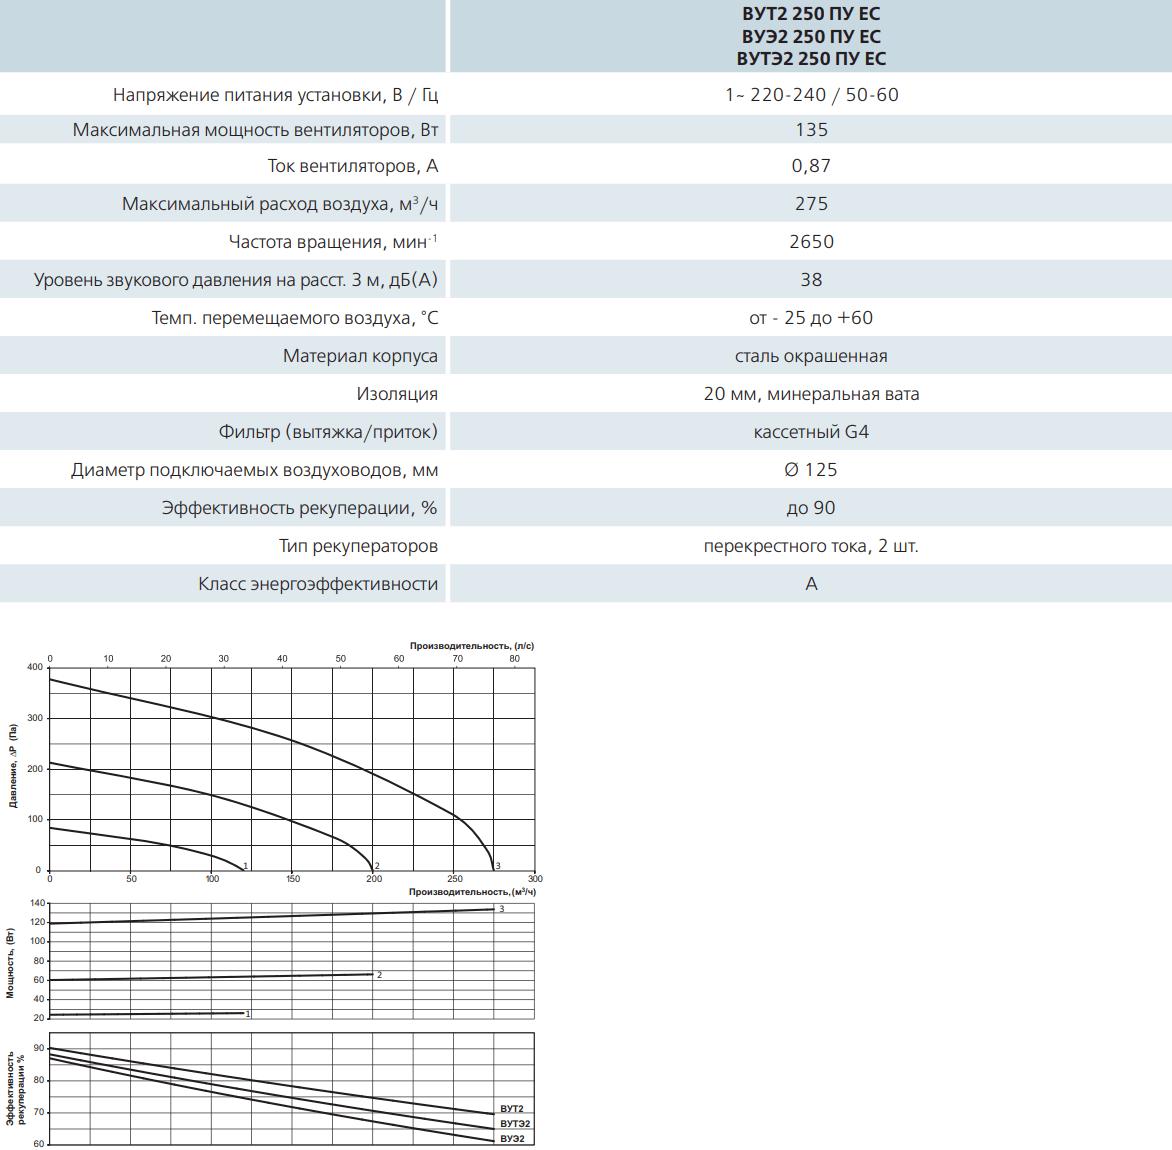 Приточно-вытяжная установка Вентс ВУТ2/ВУЭ2/ВУТЭ2 250 ПУ ЕС - Технические характеристики